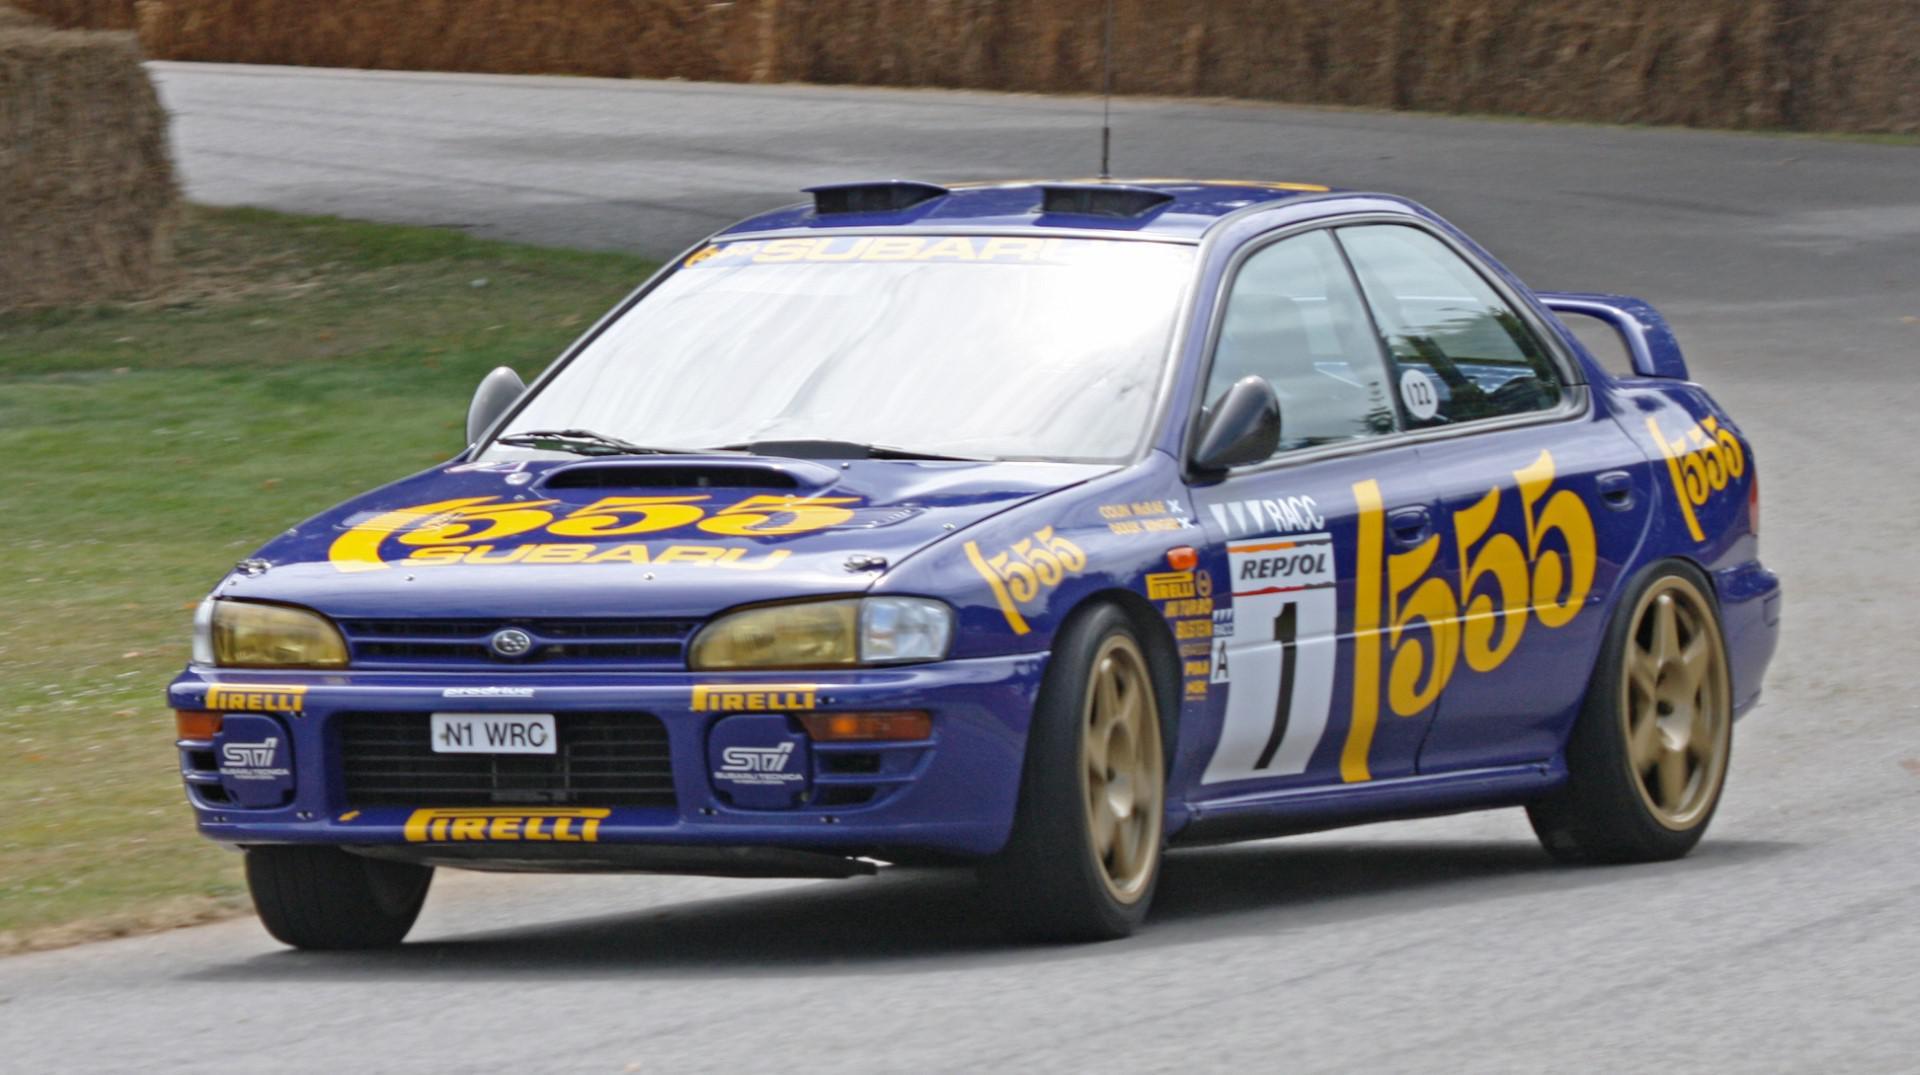 voitures-de-sports-qui-auront-25-ans-aujourd-hui-1269-80.jpg